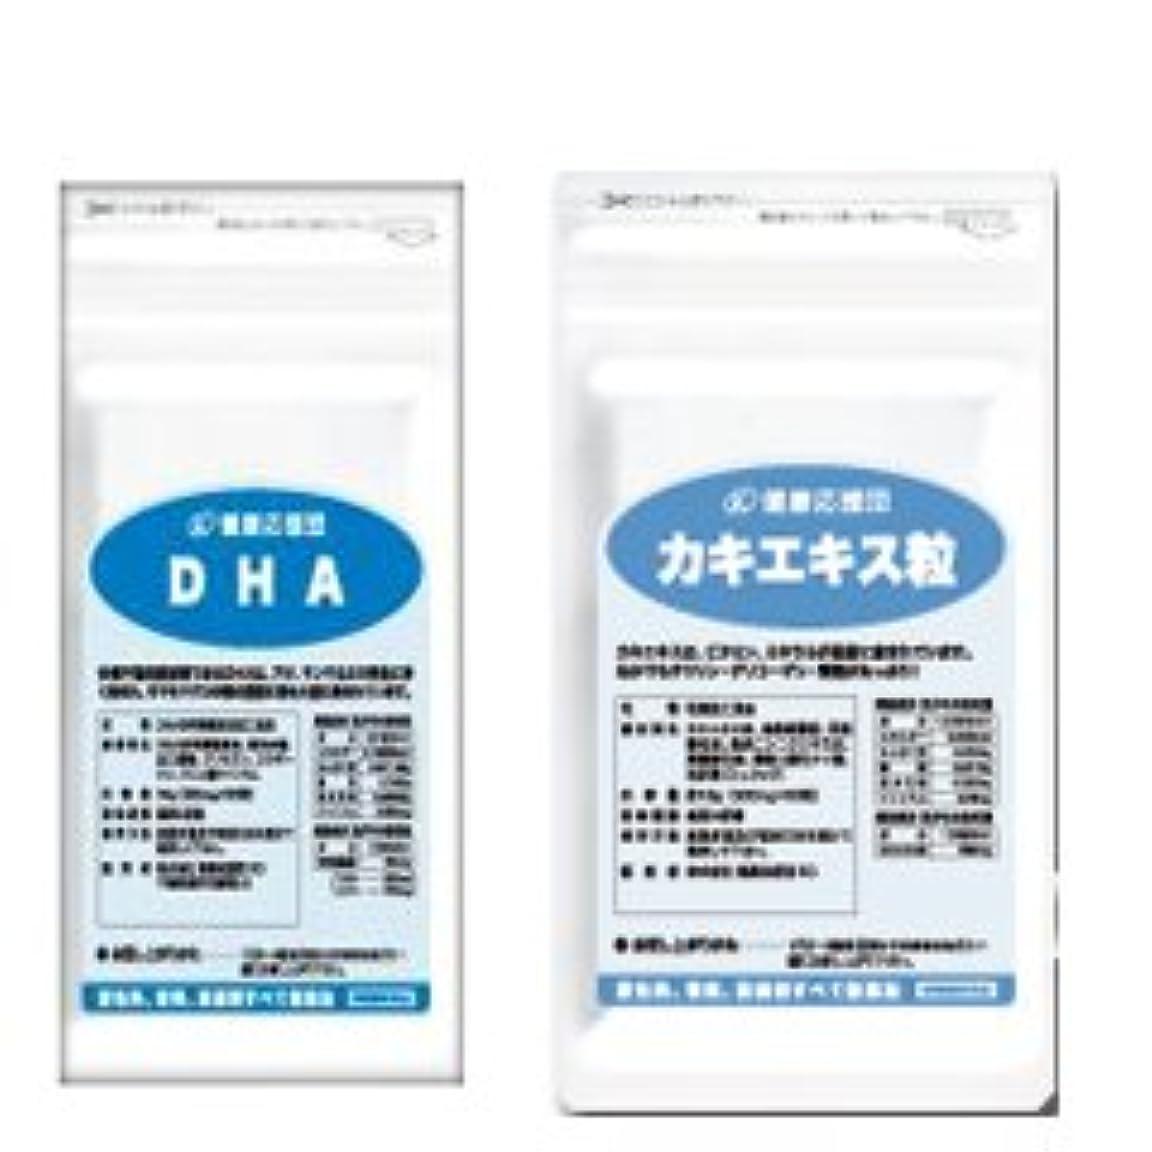 マンハッタン統治可能シリアル(お徳用6か月分)  海の肝臓応援セット DHA+牡蠣エキス粒 6袋&6袋セット (カキエキス+DHA?EPA?グリコーゲン?タウリン)